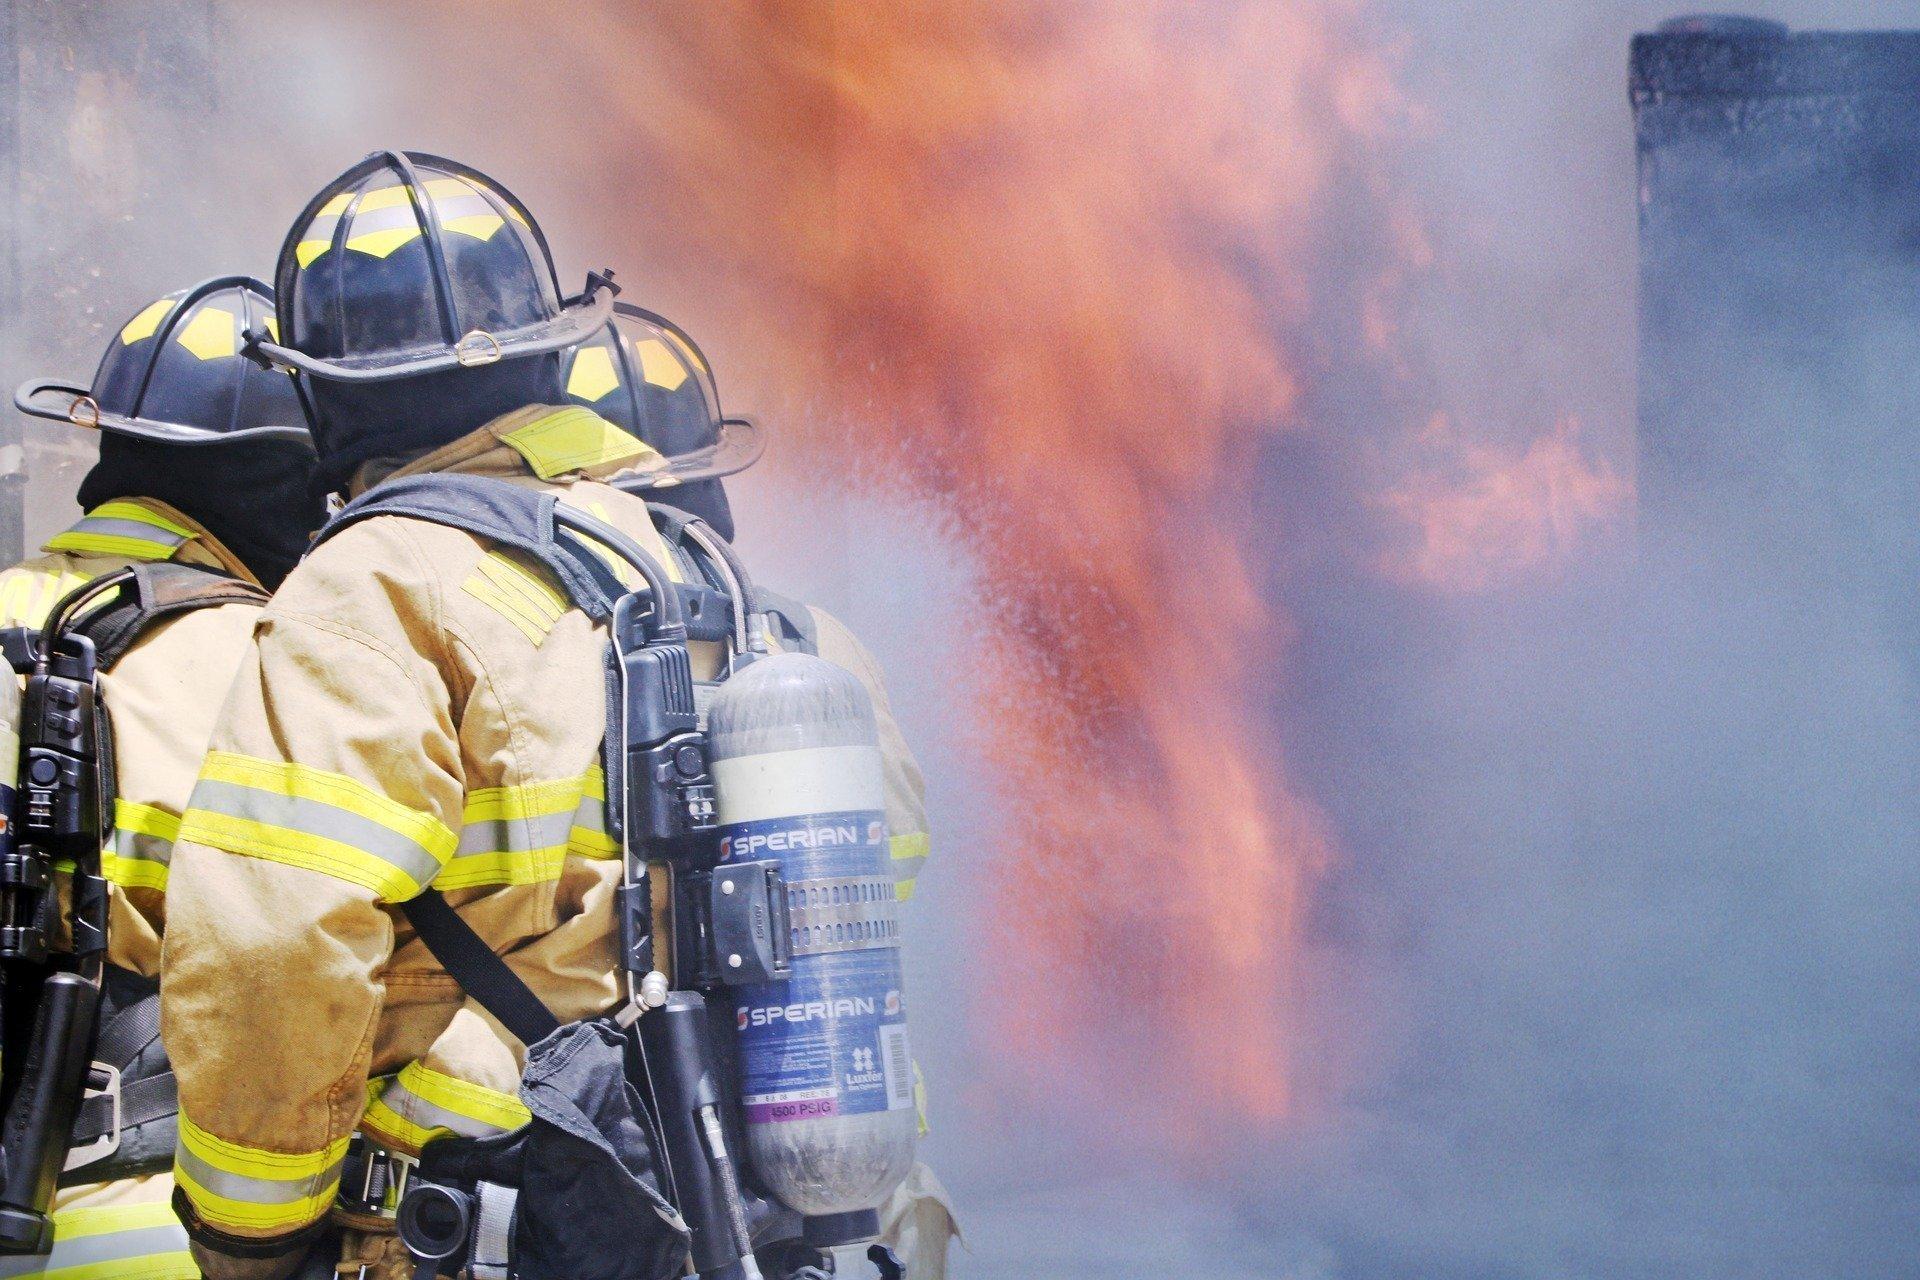 Les pompiers combattent le feu | Source : Pixabay